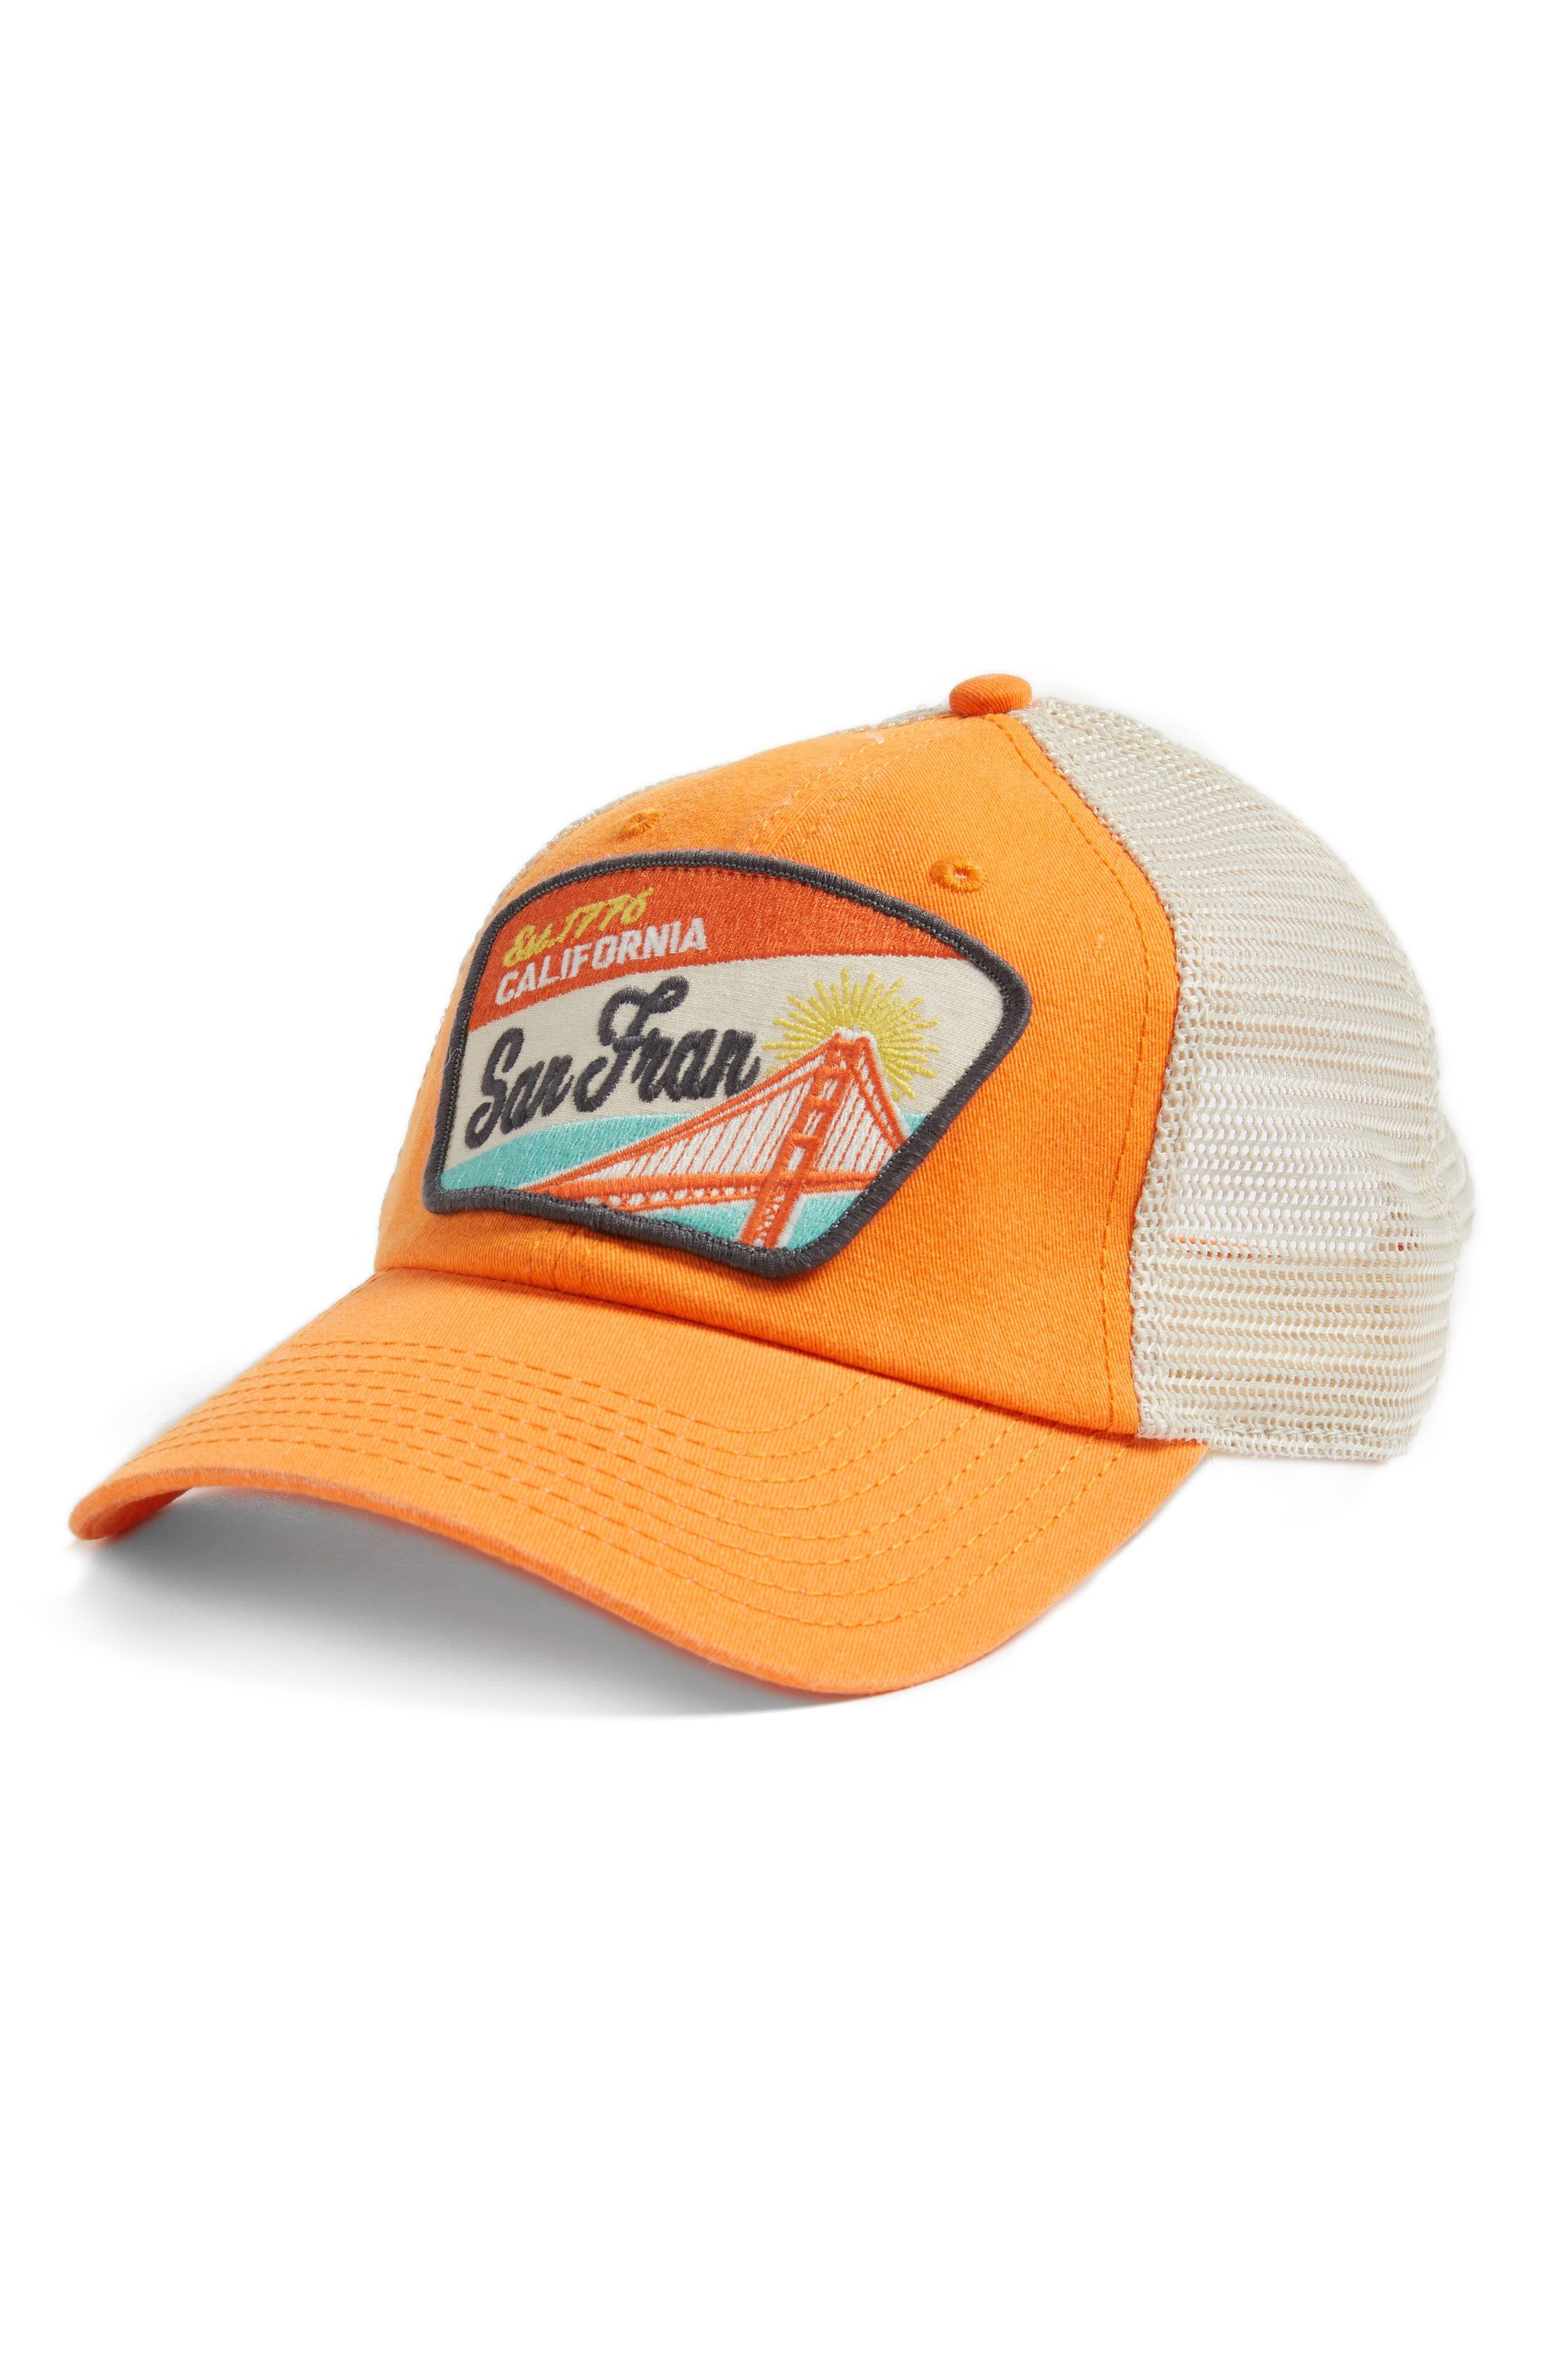 Ravenswood - Destination San Francisco Hat,                         Main,                         color, Ivory/ Orange